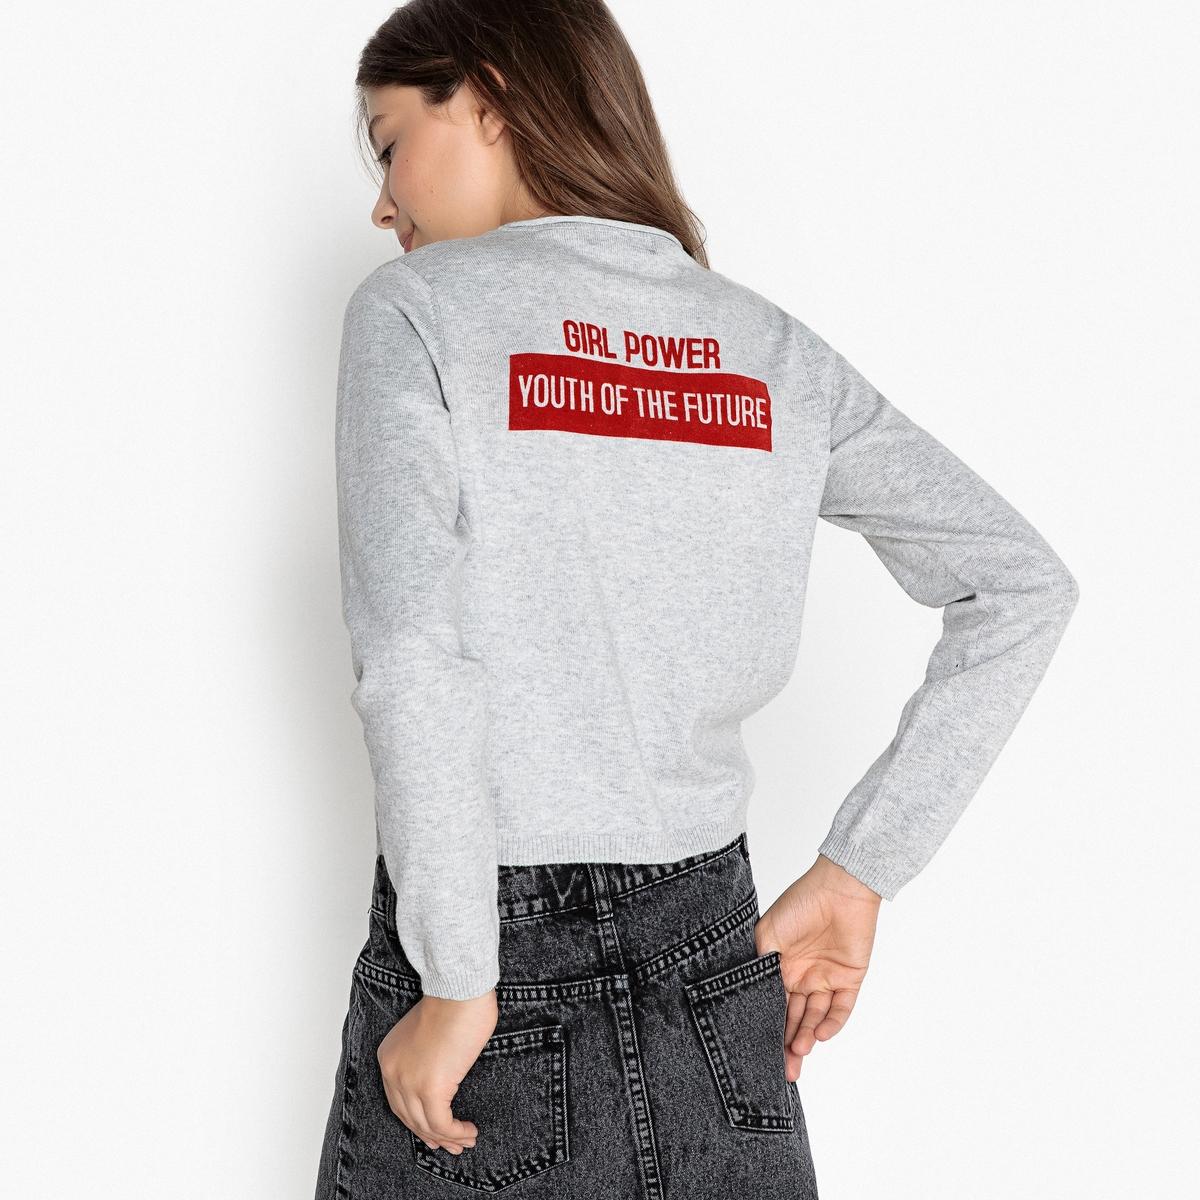 Пуловер укороченный с принтом сзади 10-16 лет пуловер quelle ajc 493193